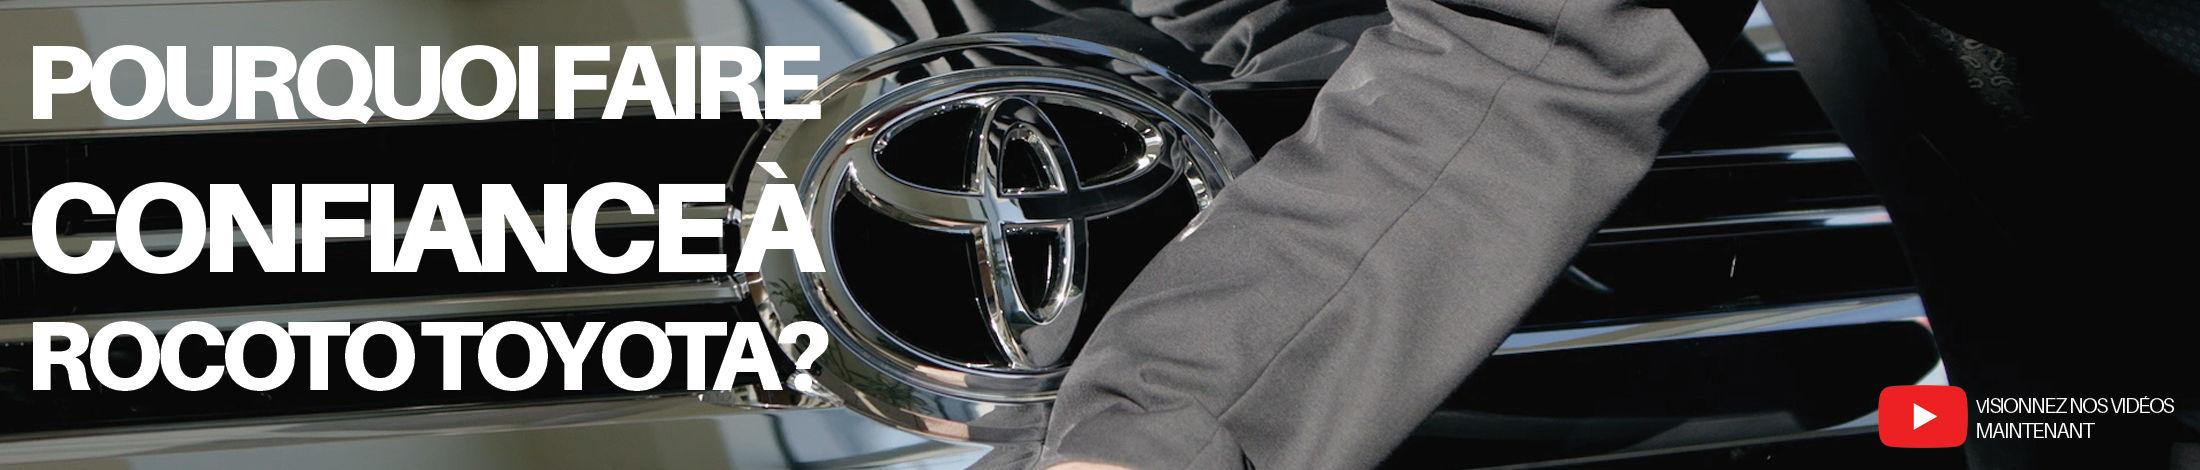 Pourquoi faire confiance à Rocoto Toyota?